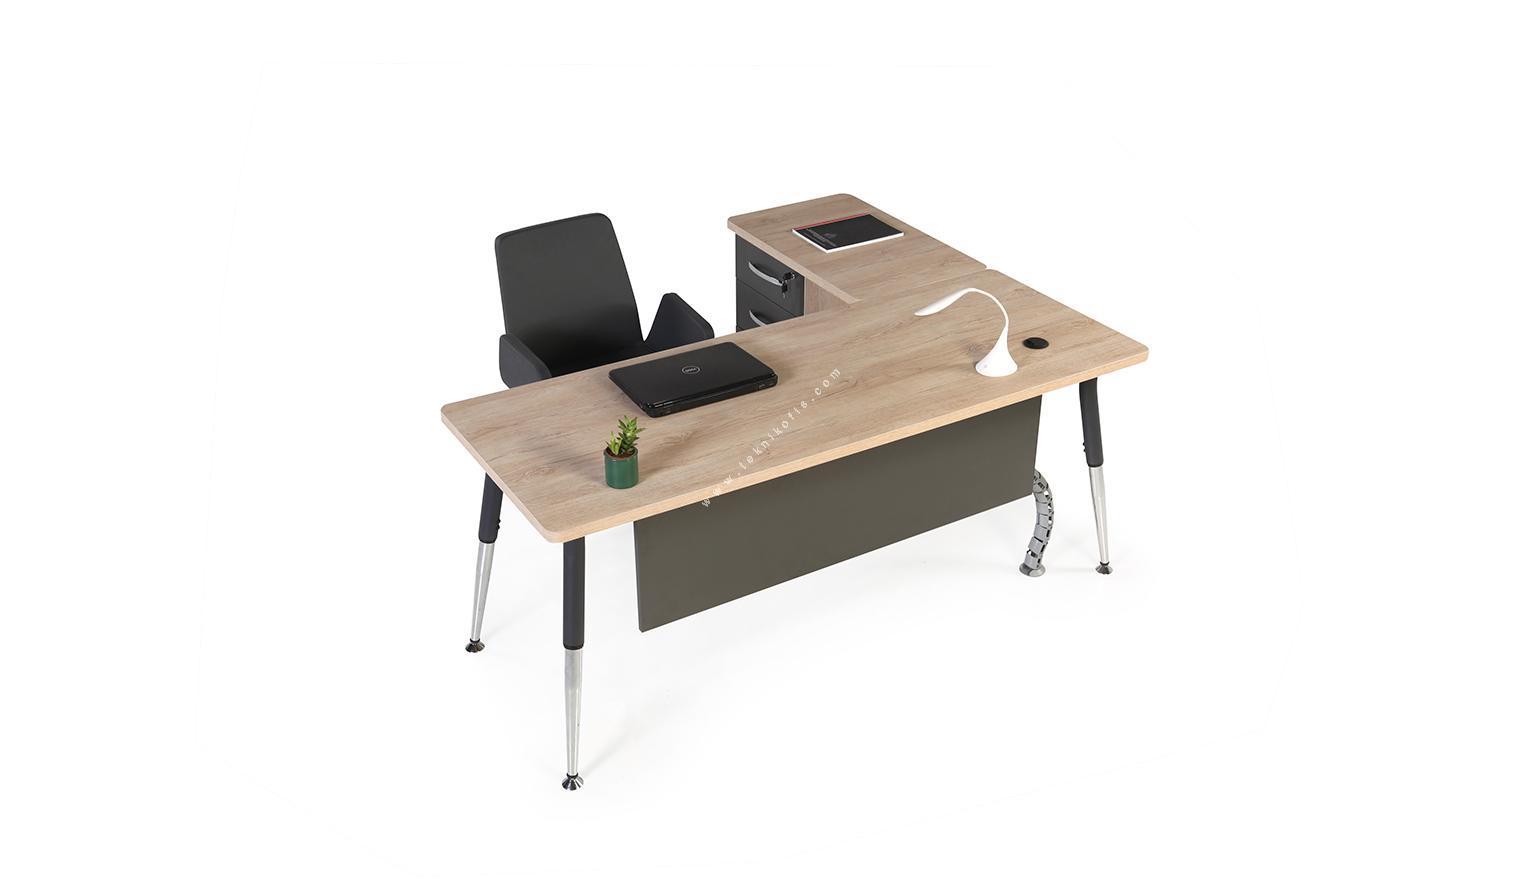 toucher etajerli l çalışma masası 140cm